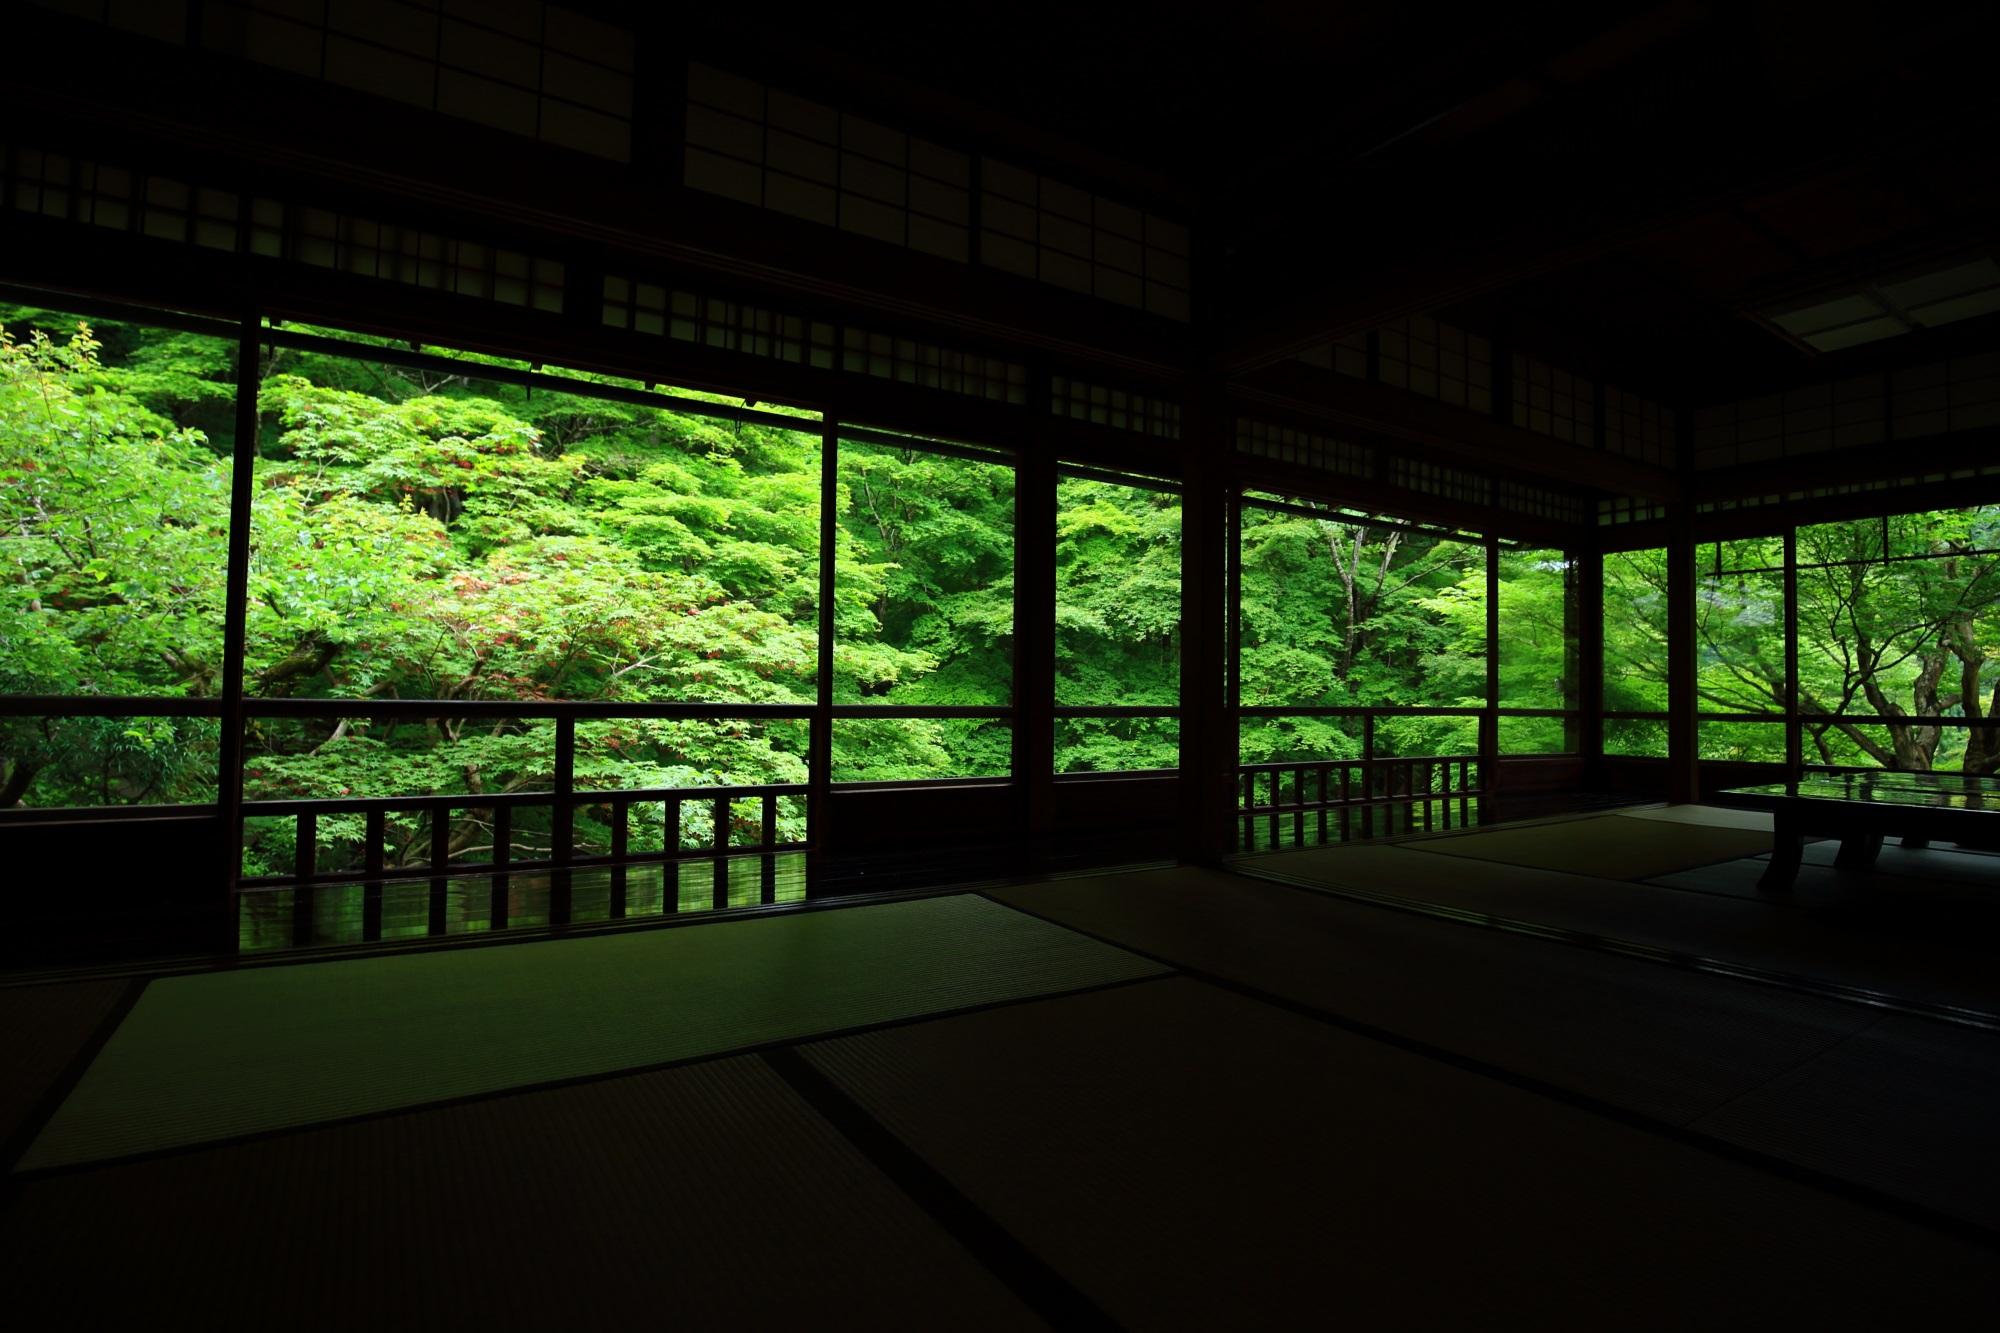 瑠璃光院の書院二階から眺めた瑠璃の庭